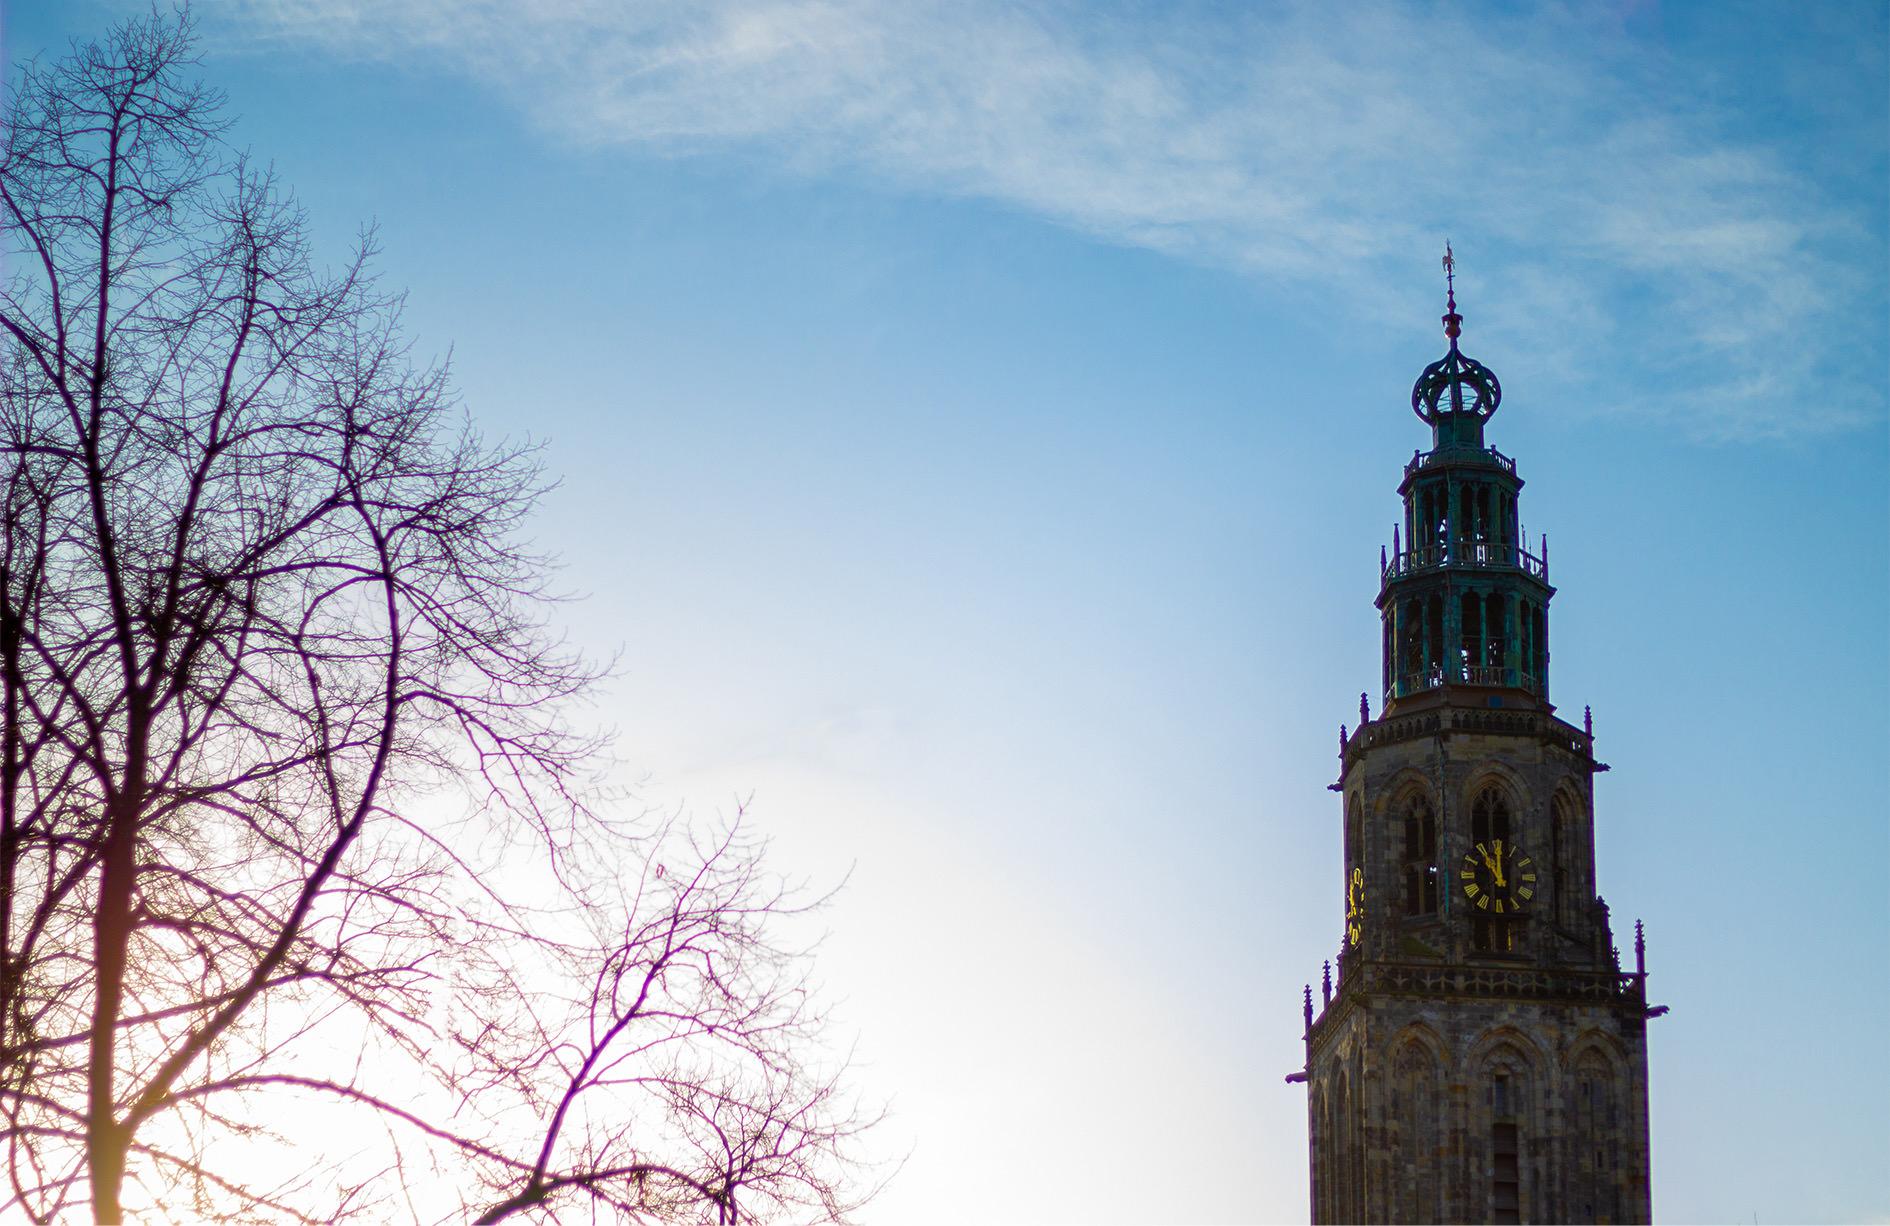 Groningen - Martiniturm, von der Kreupelstraat aus gesehen